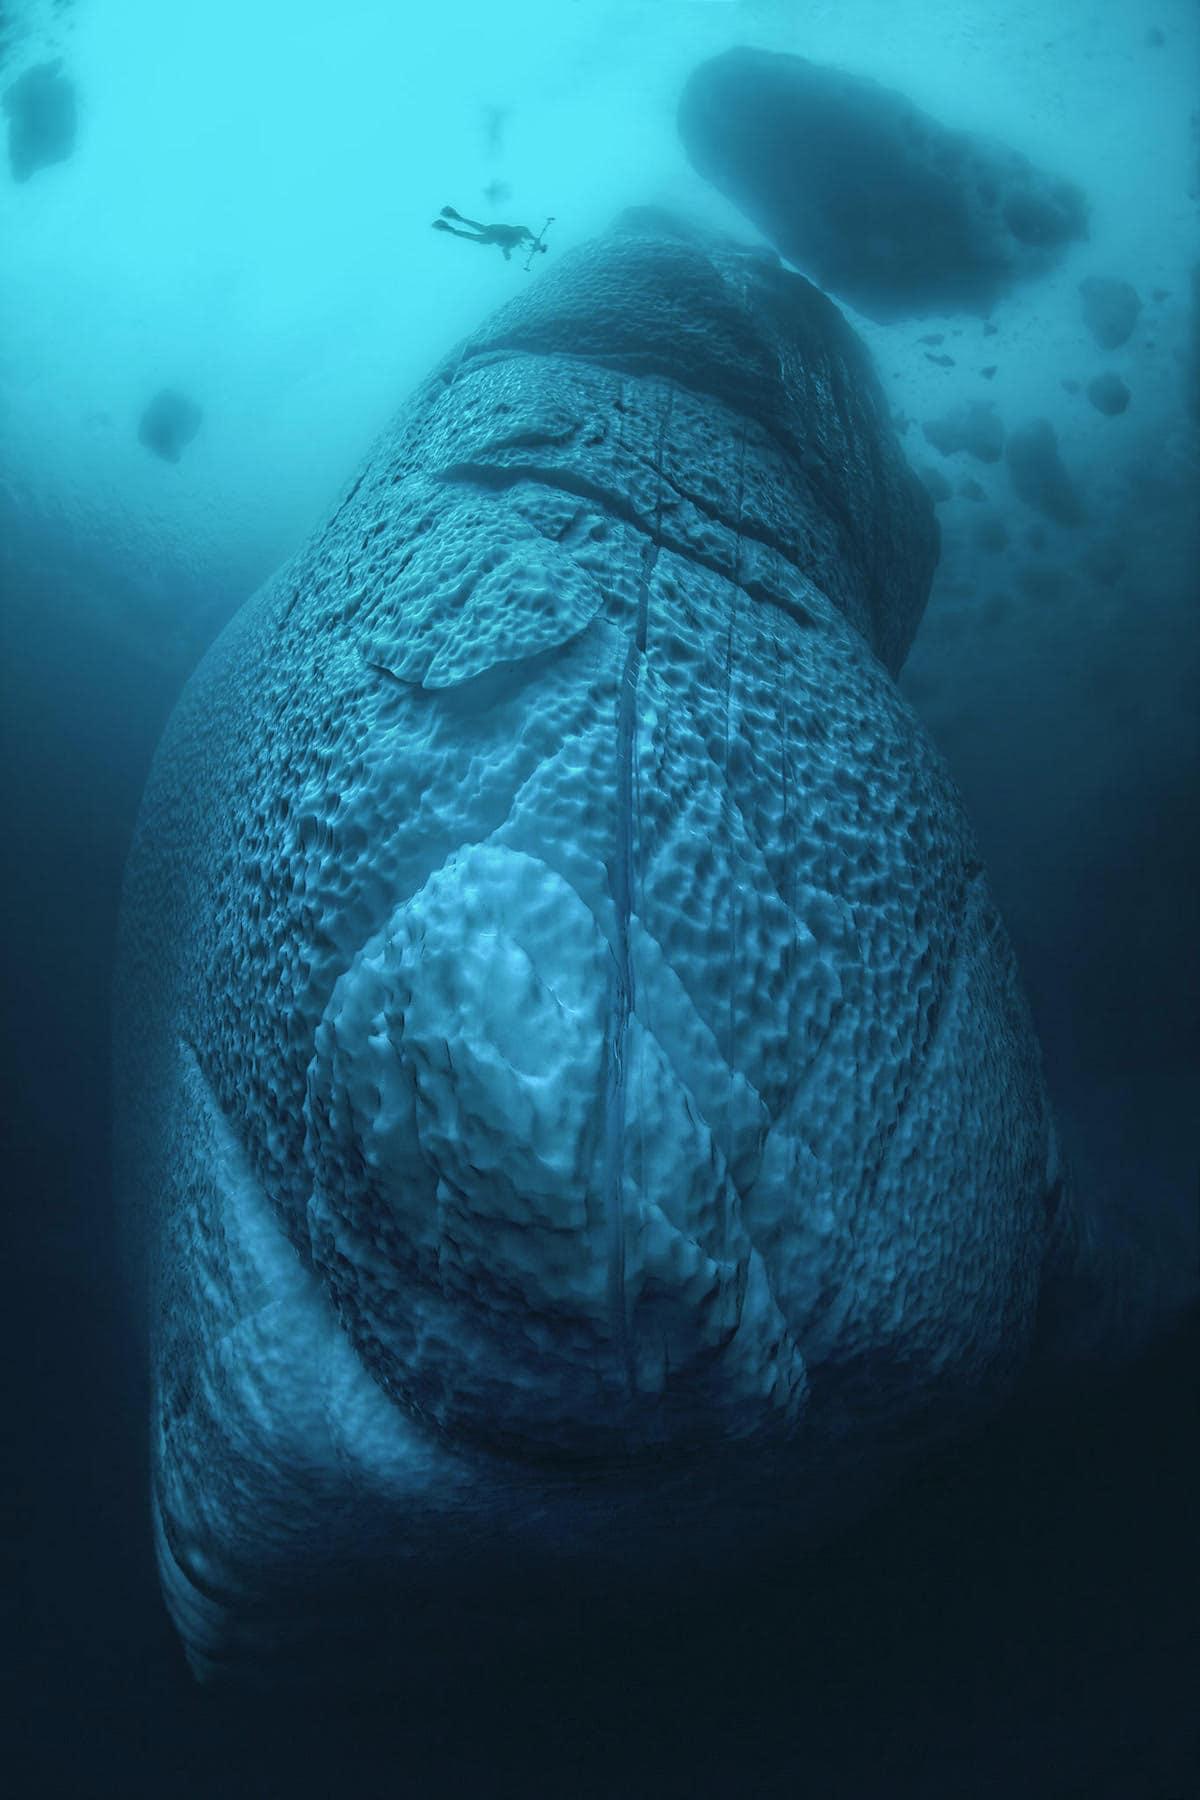 iceberg-underwater-tobias-friedrich-4